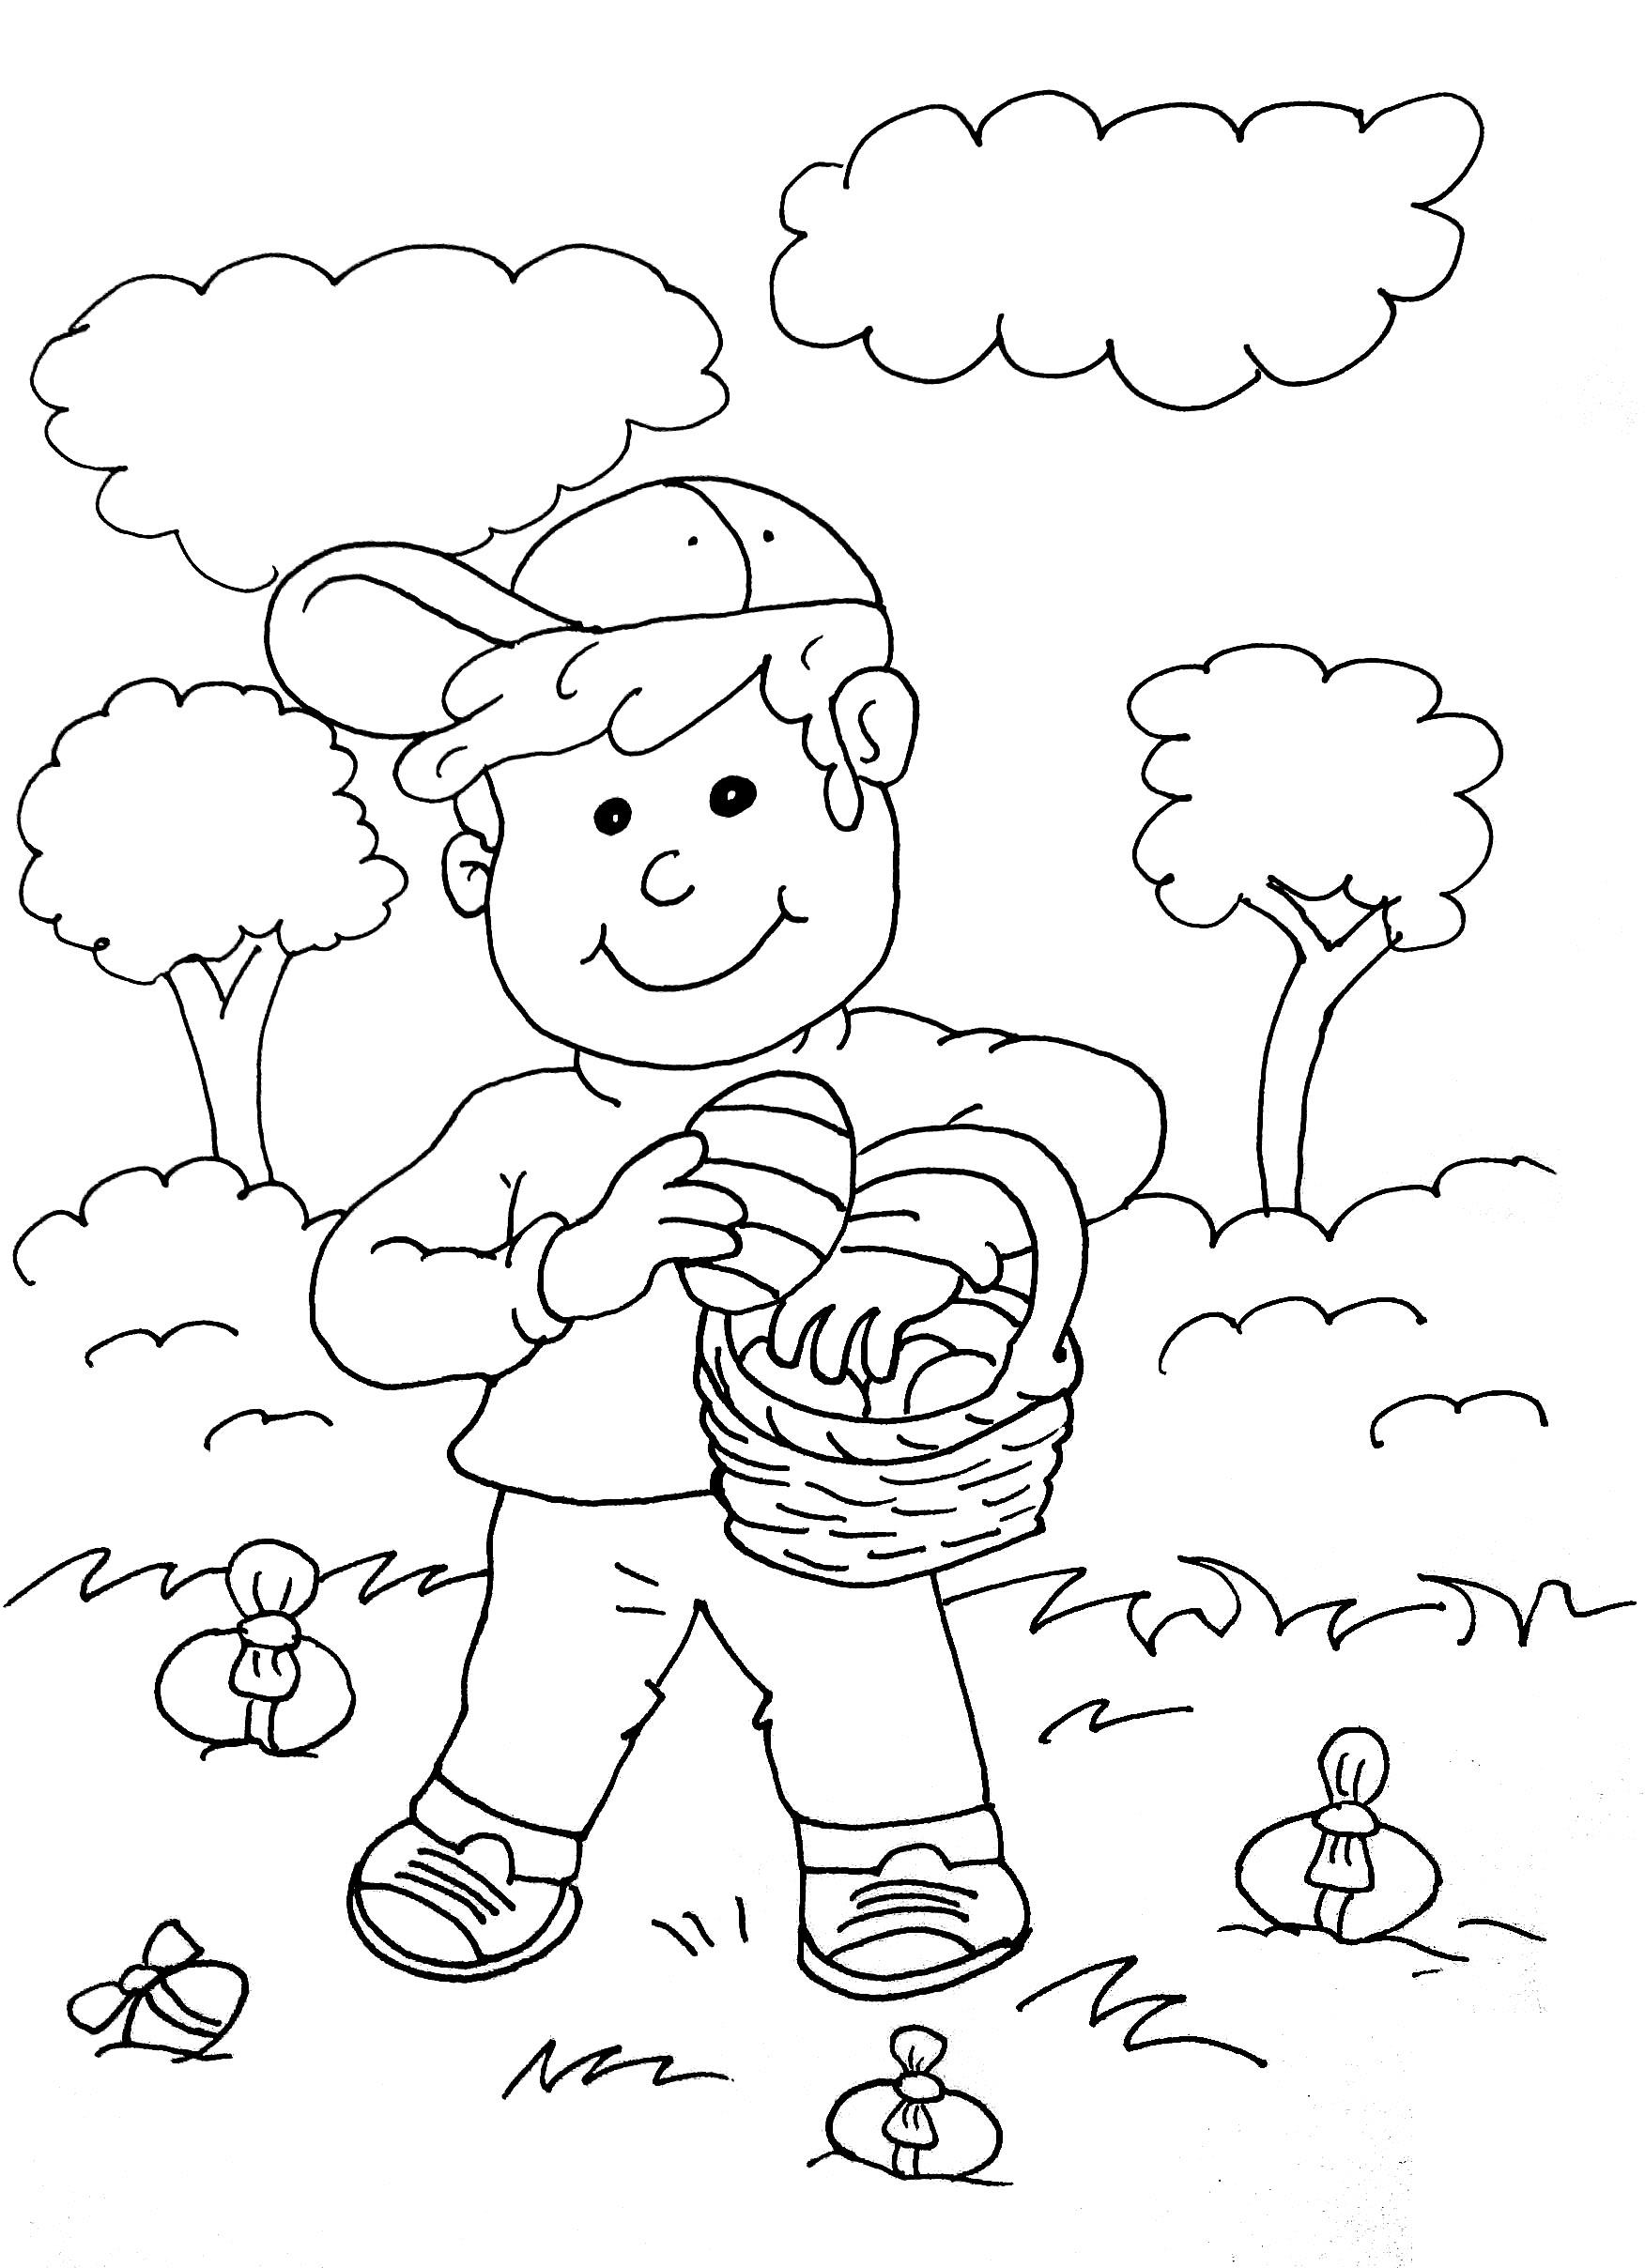 La fameuse chasse aux oeufs de Pâques, tradition adorée des enfants !